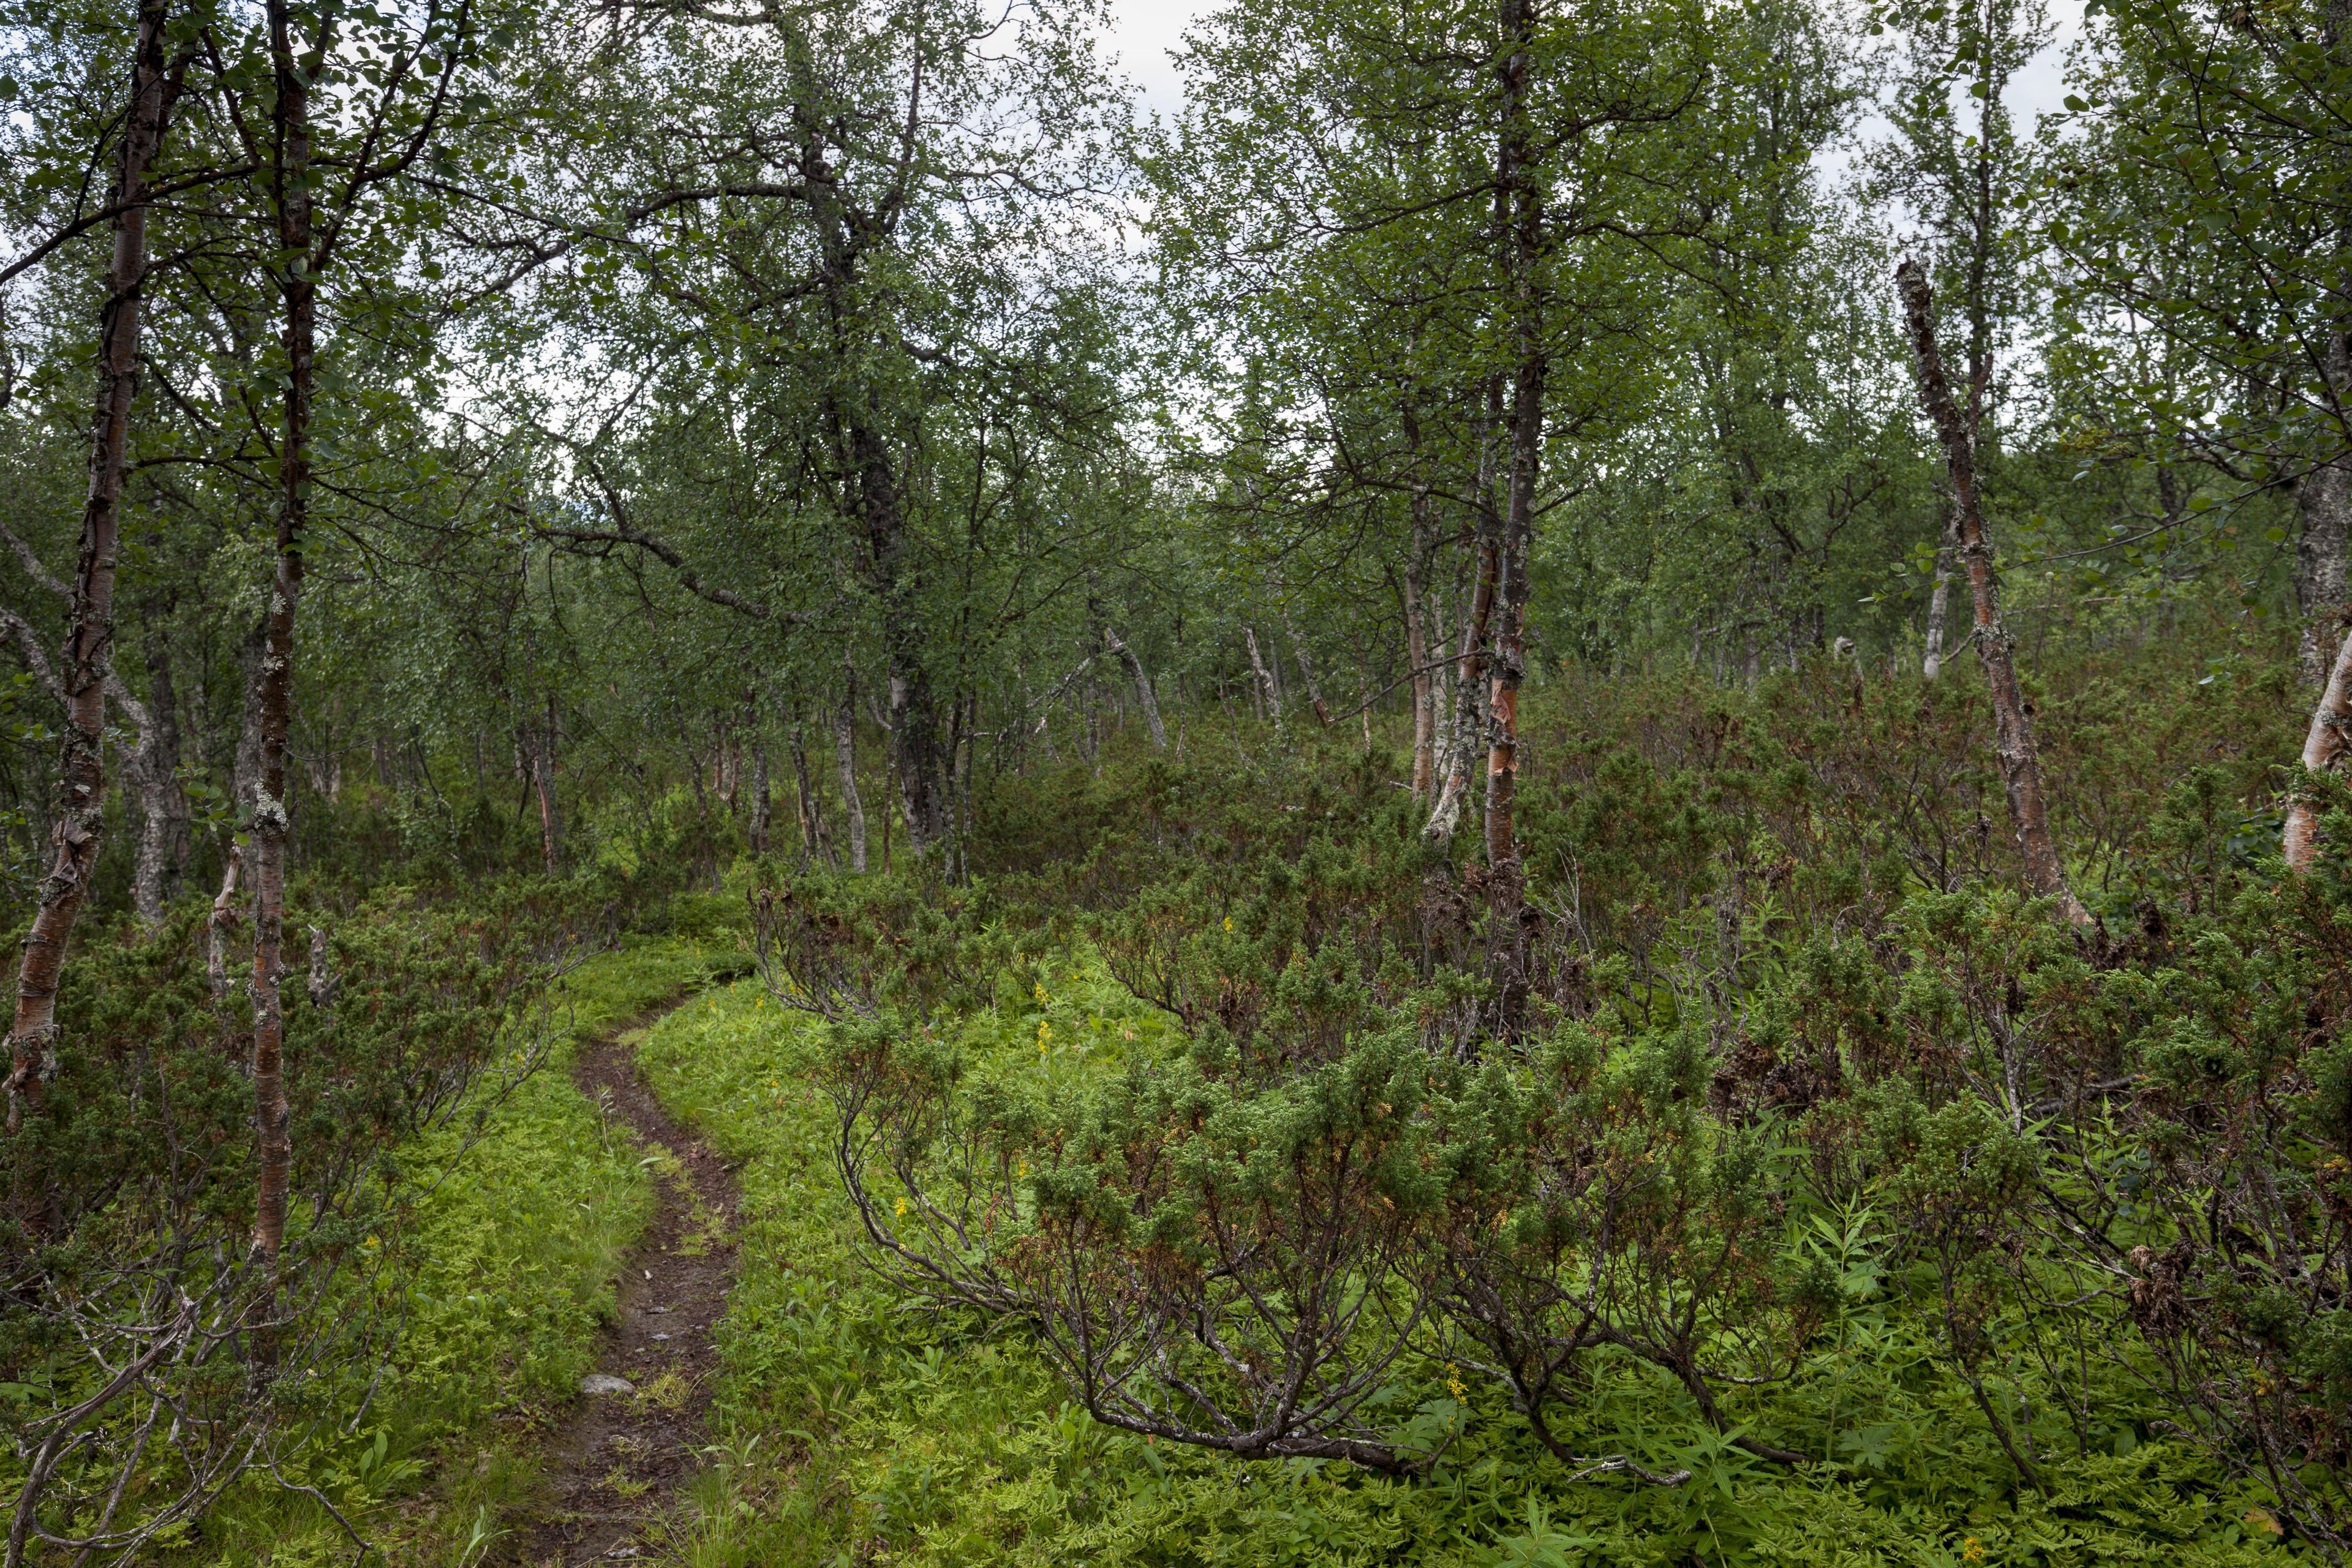 Frische Farben nach dem Regen,©Markus Proske—Canon EOS 5D Mark II, EF16-35mm f/4L IS USM, 28mm, 1/25s, Blende 8, ISO 400